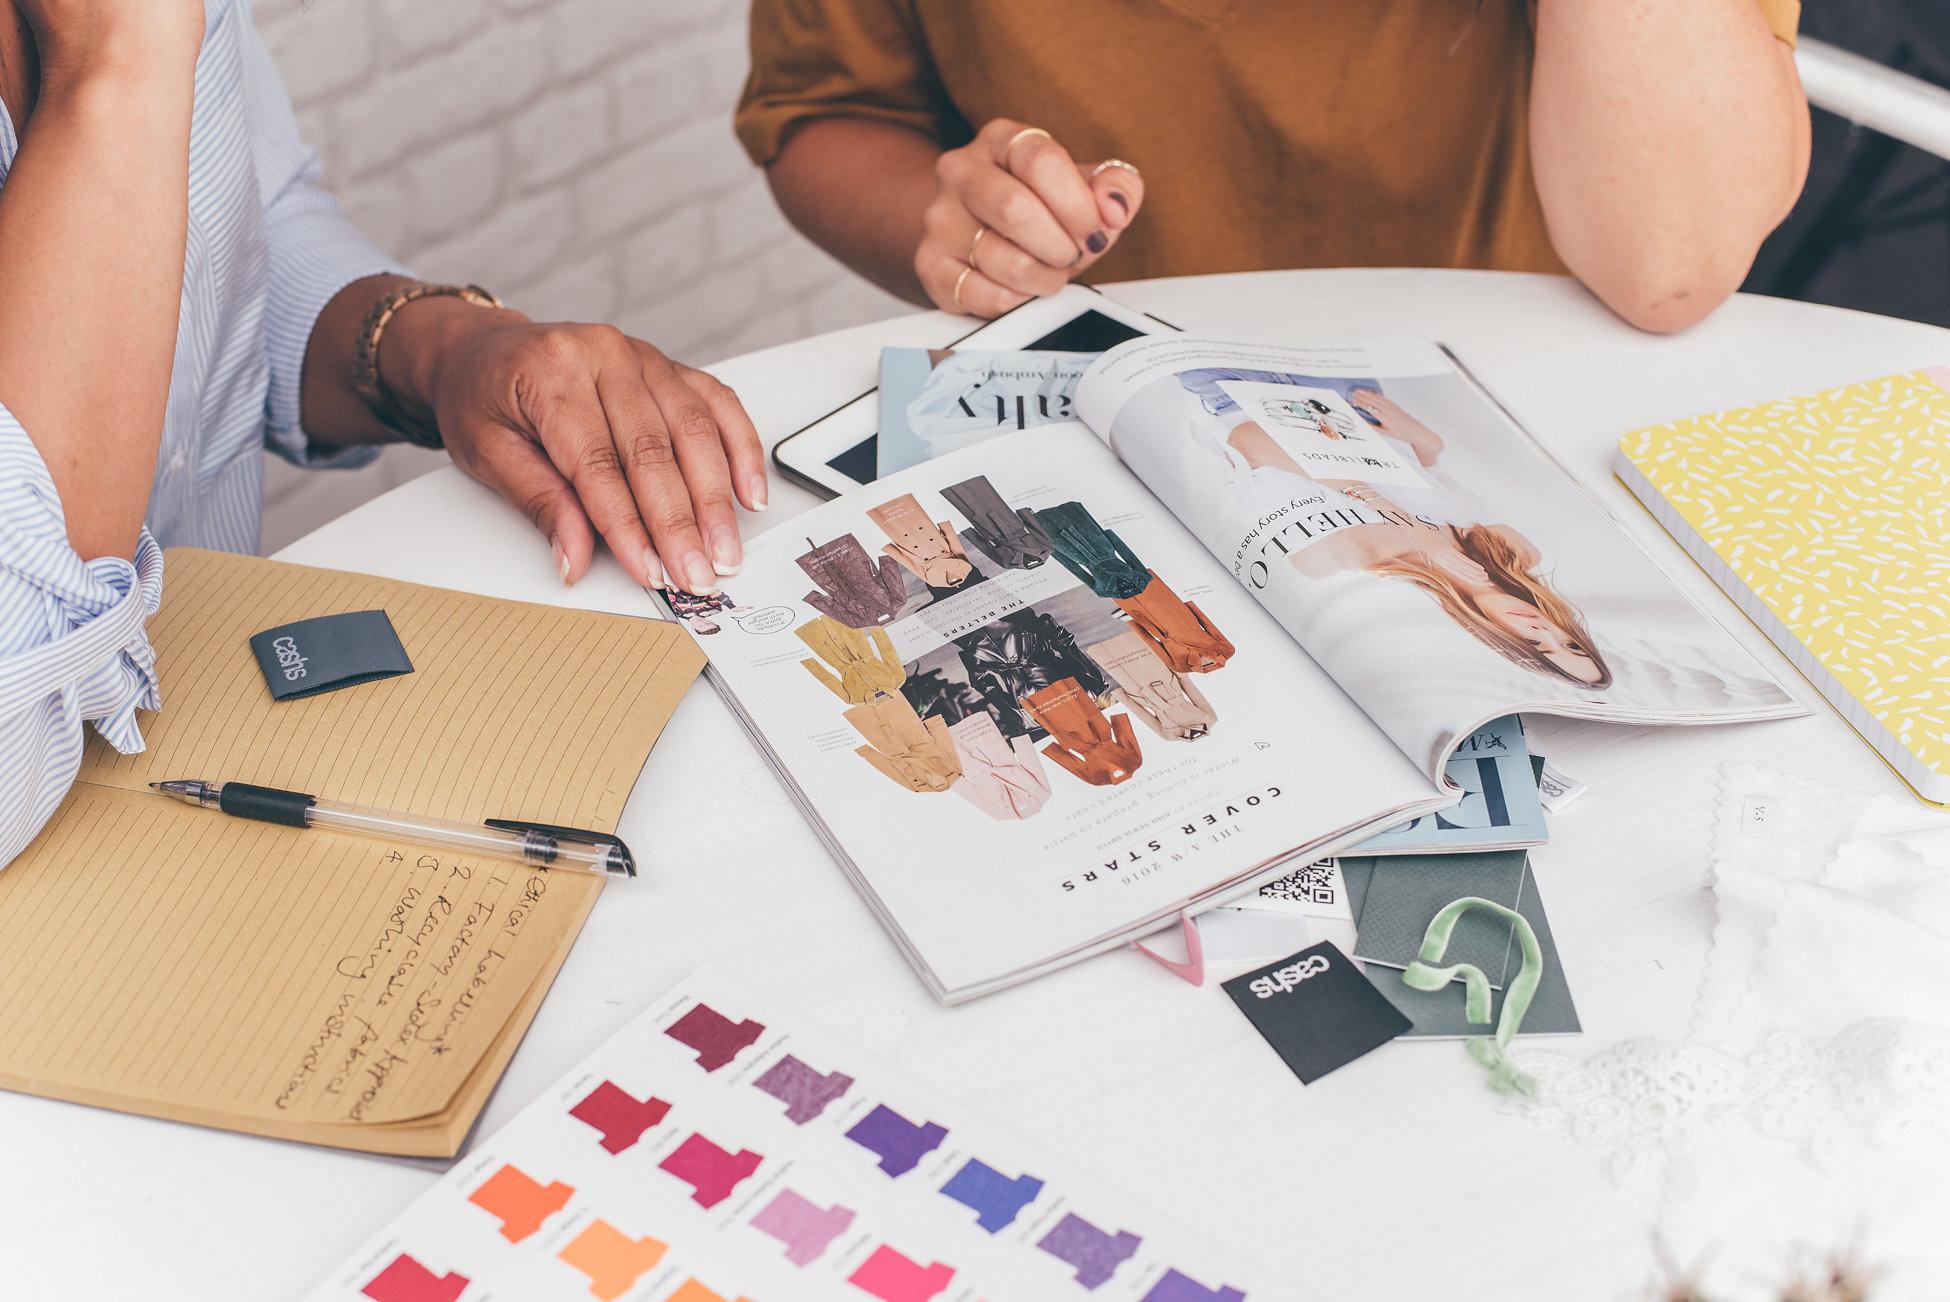 understanding your customer - elizabeth stiles - fashion brand consultant